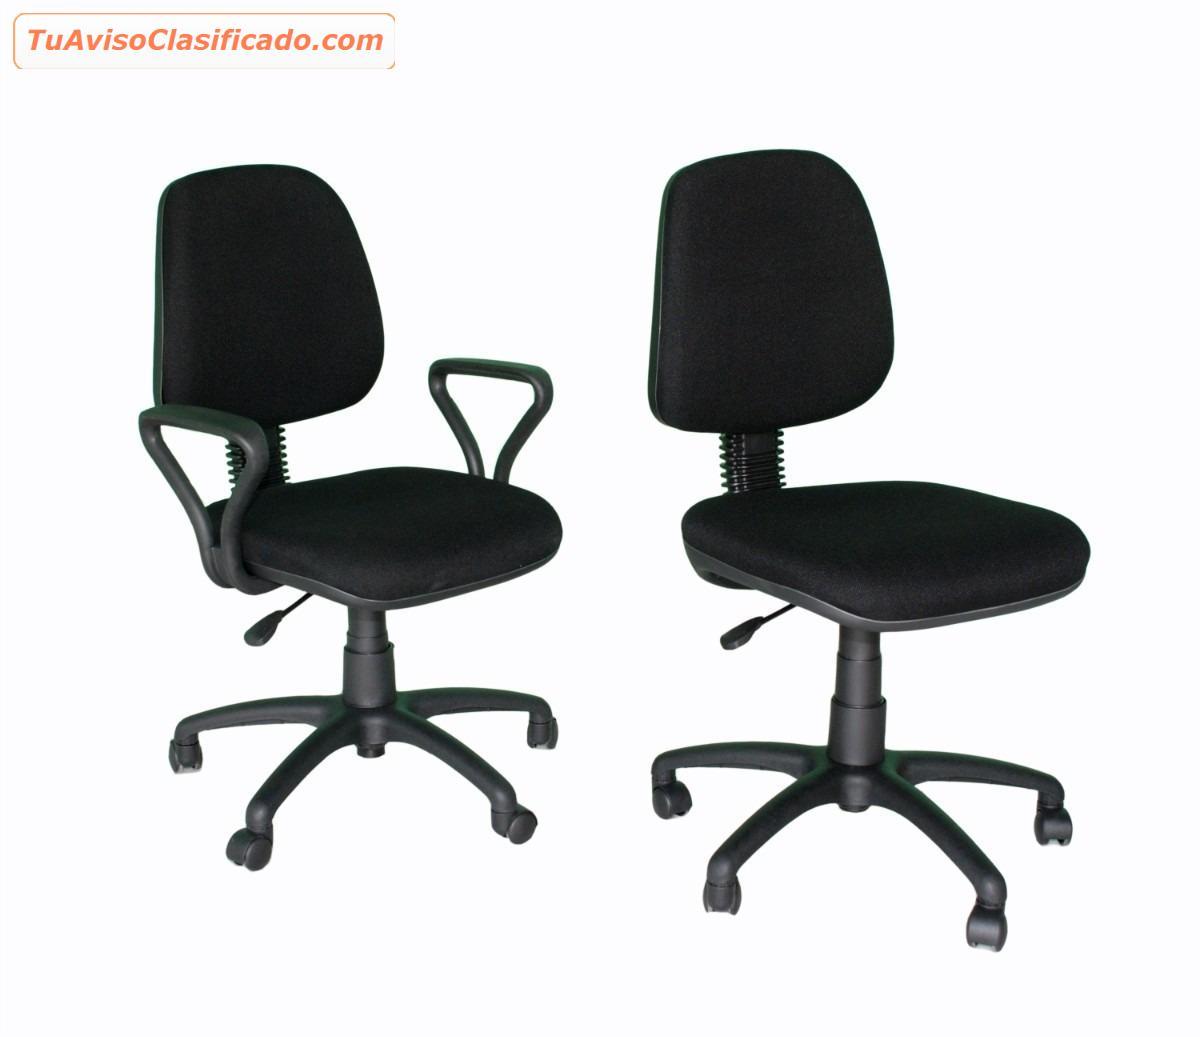 Muebles para tu hogar y oficina mobiliario y for Muebles precios